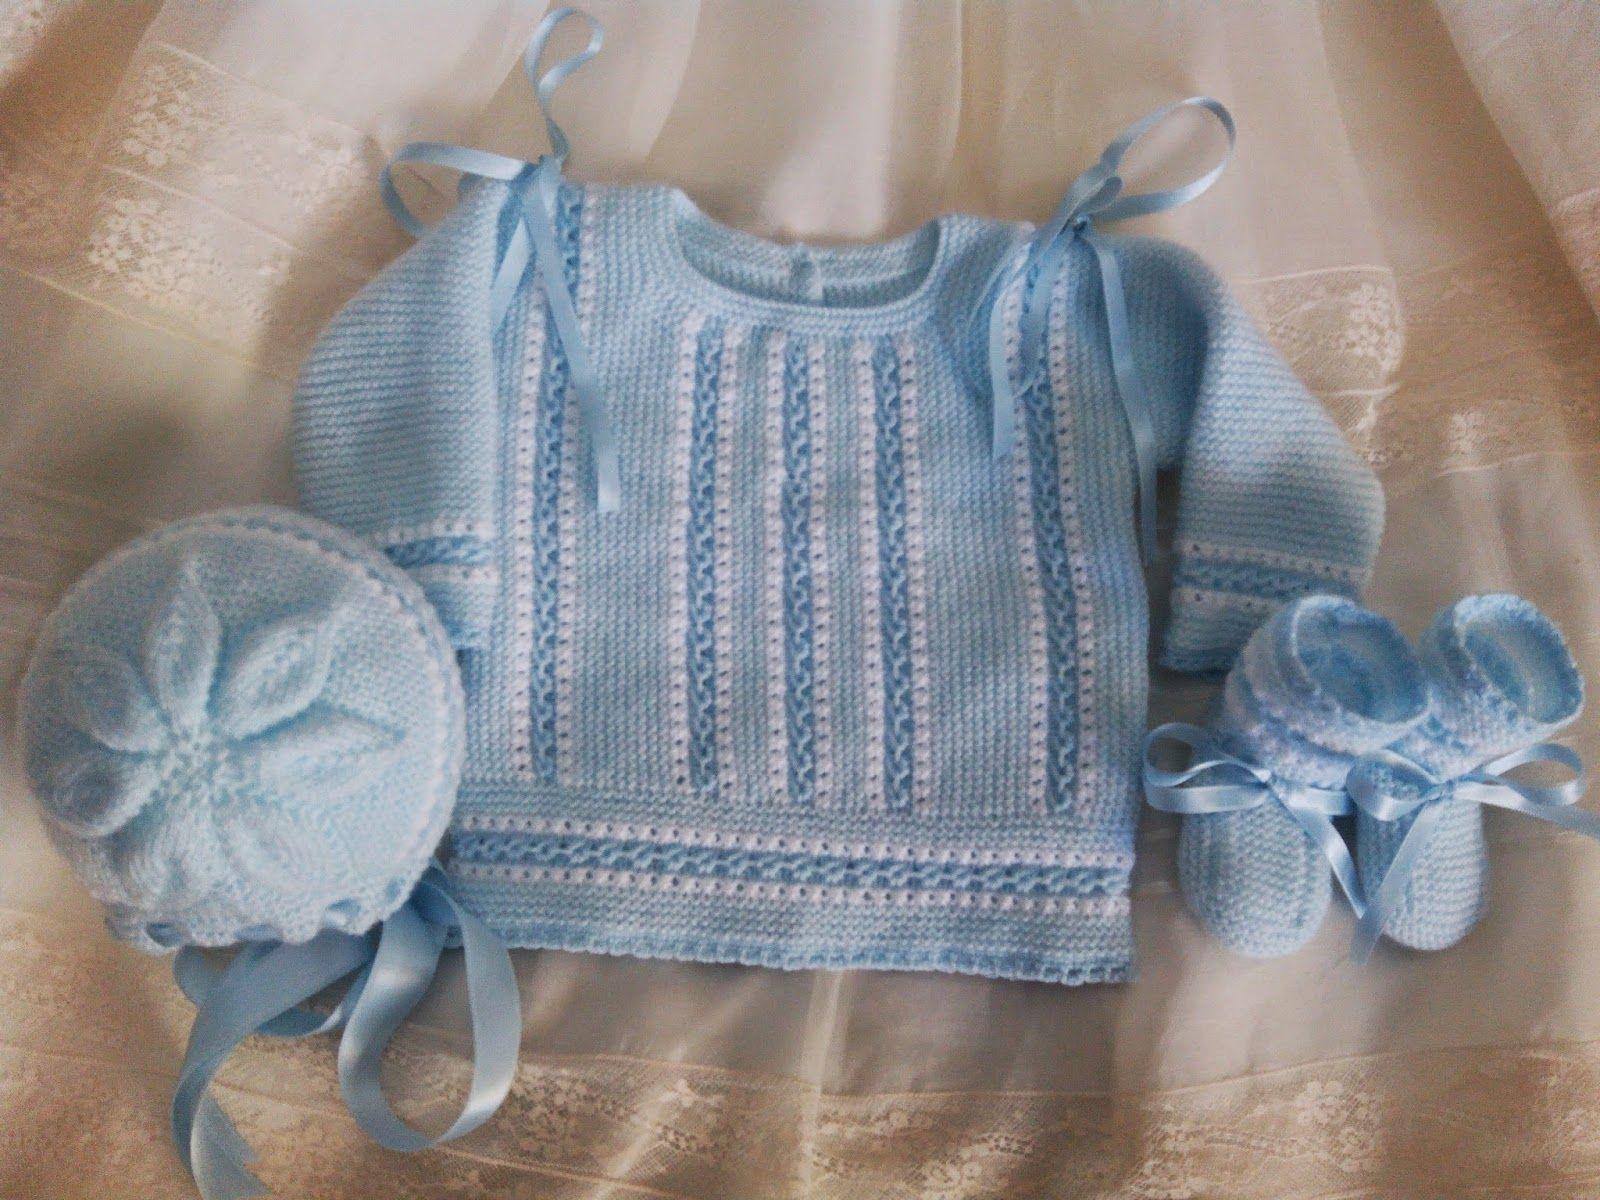 Blog De Canastilla En Lana Para Bebe Hecho A Mano Vestimenta De Bebé Sueter Para Bebe Tejido Chaqueta Bebe Punto